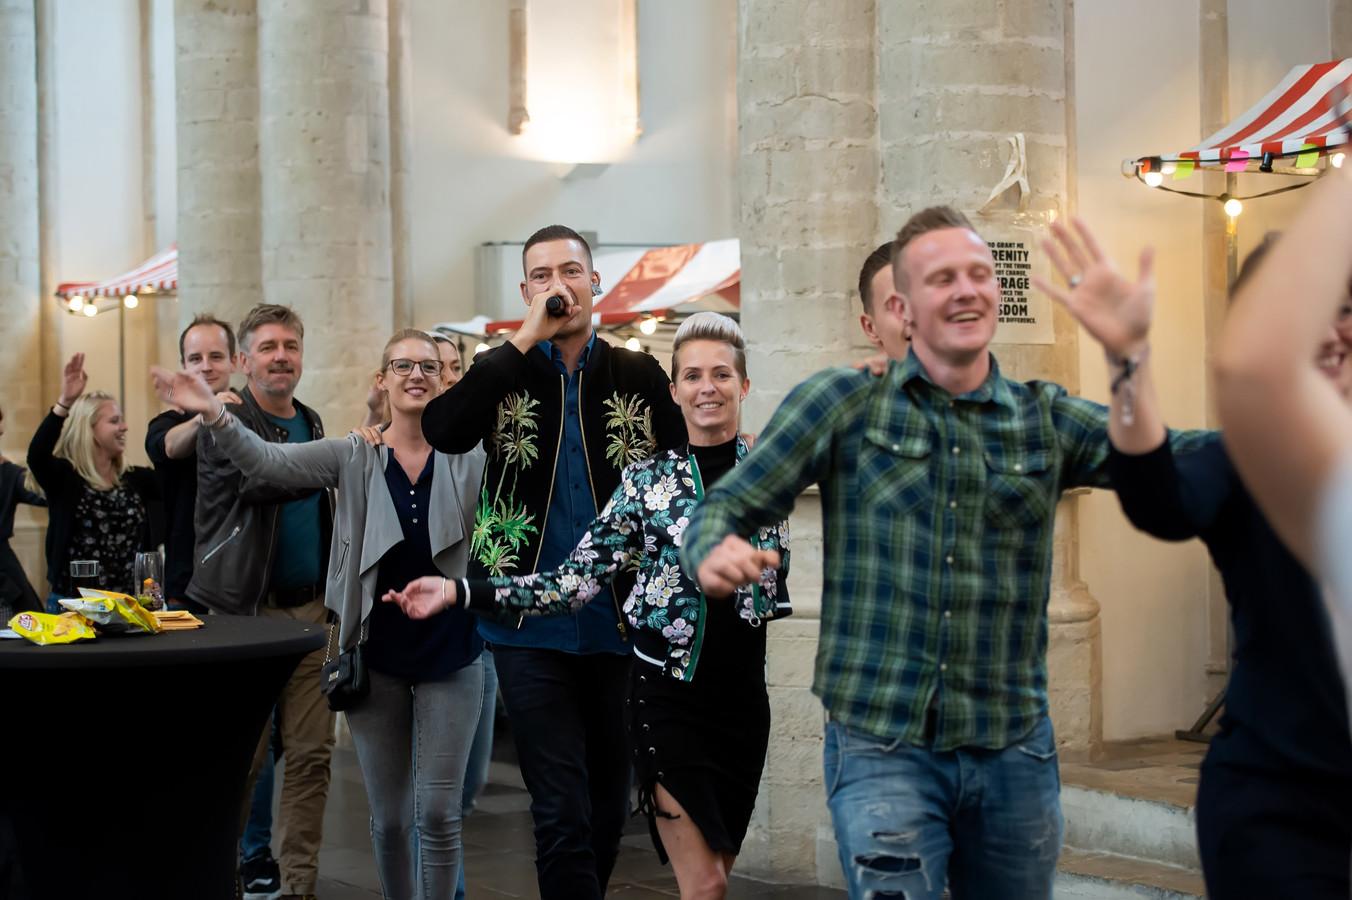 Lange Frans kreeg bij de Dag van Herstel in de Grote Kerk Breda de bezoekers zover een polonaise te starten waaraan hij zelf deelnam.